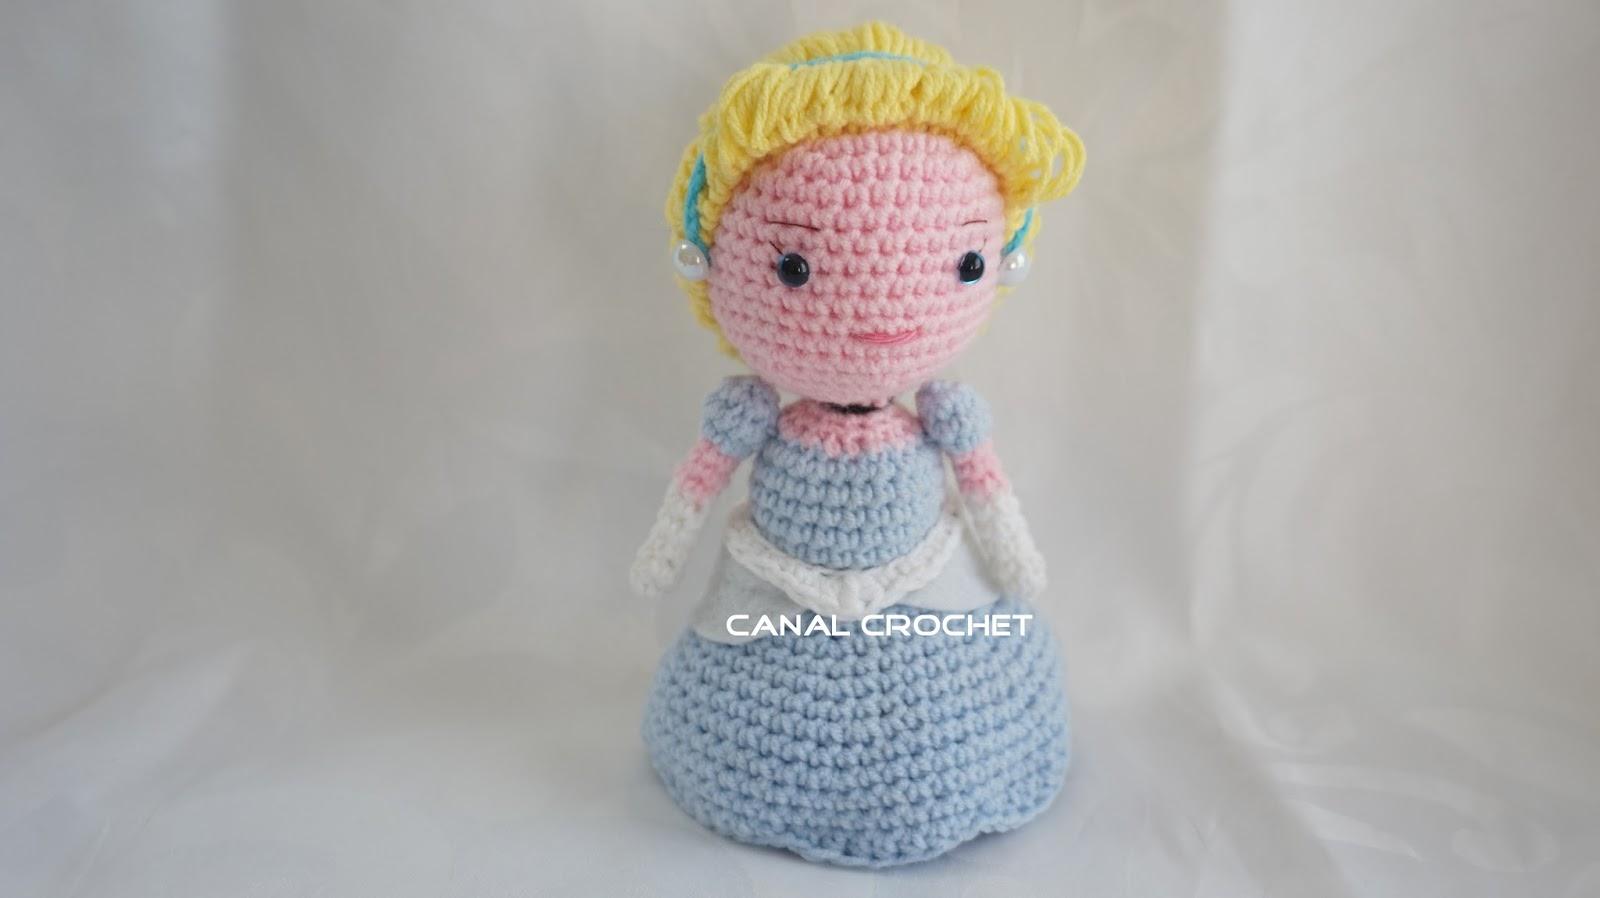 Amigurumilacion : Canal crochet: princesas amigurumis tutorial